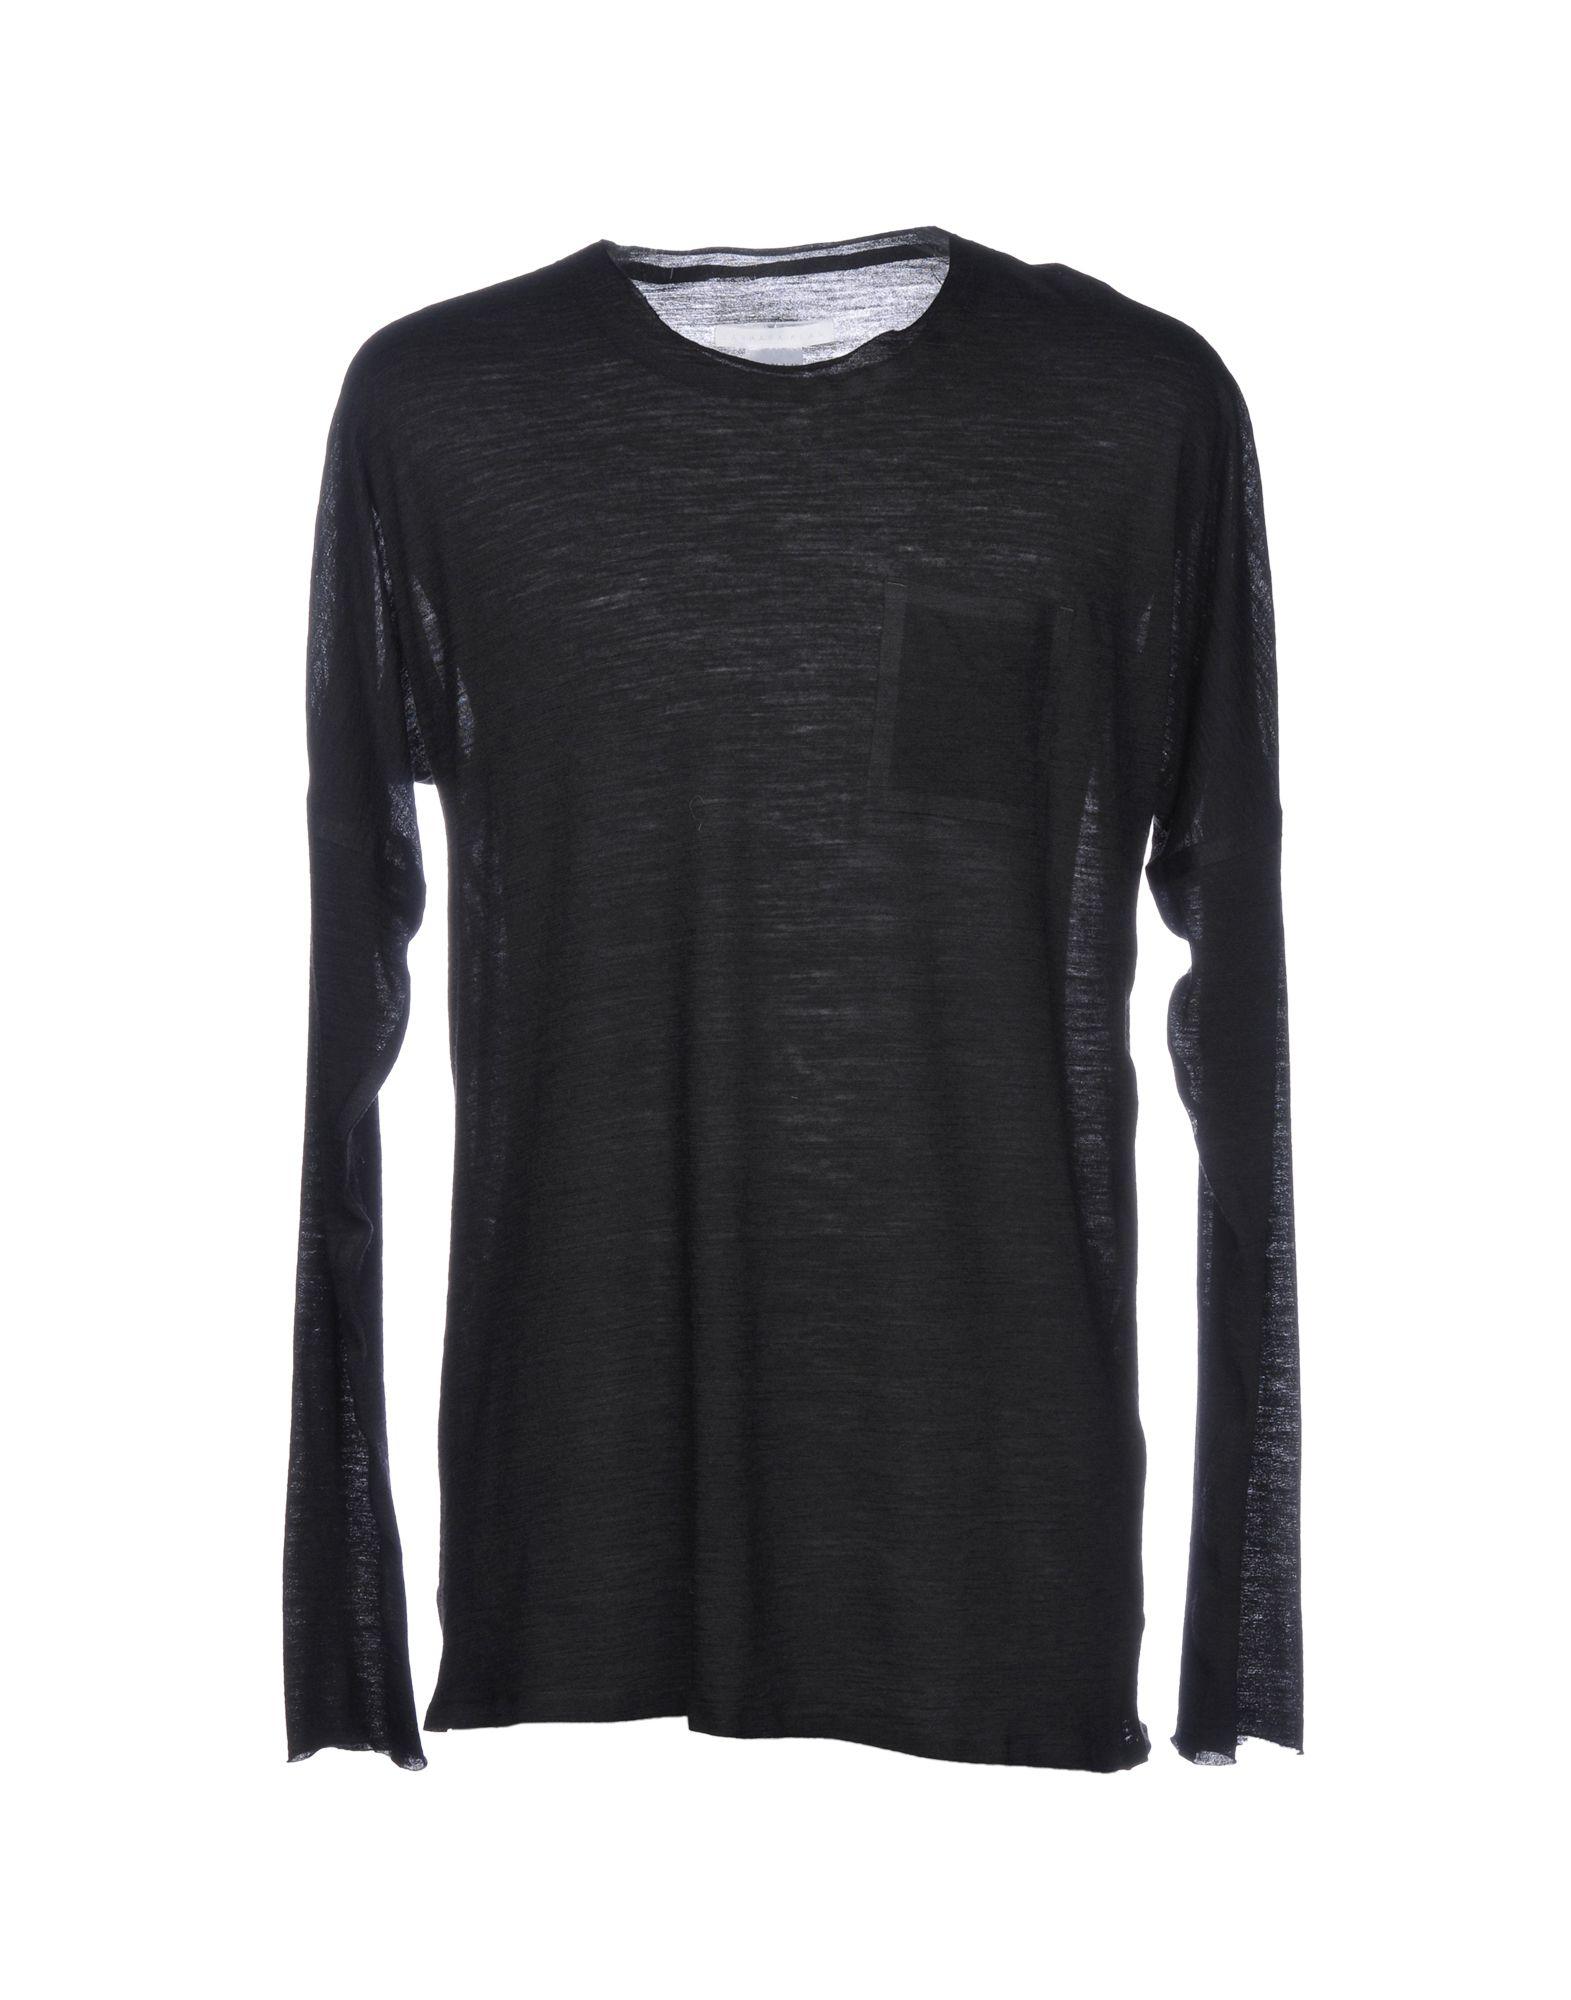 BARBARA ALAN Sweater in Black